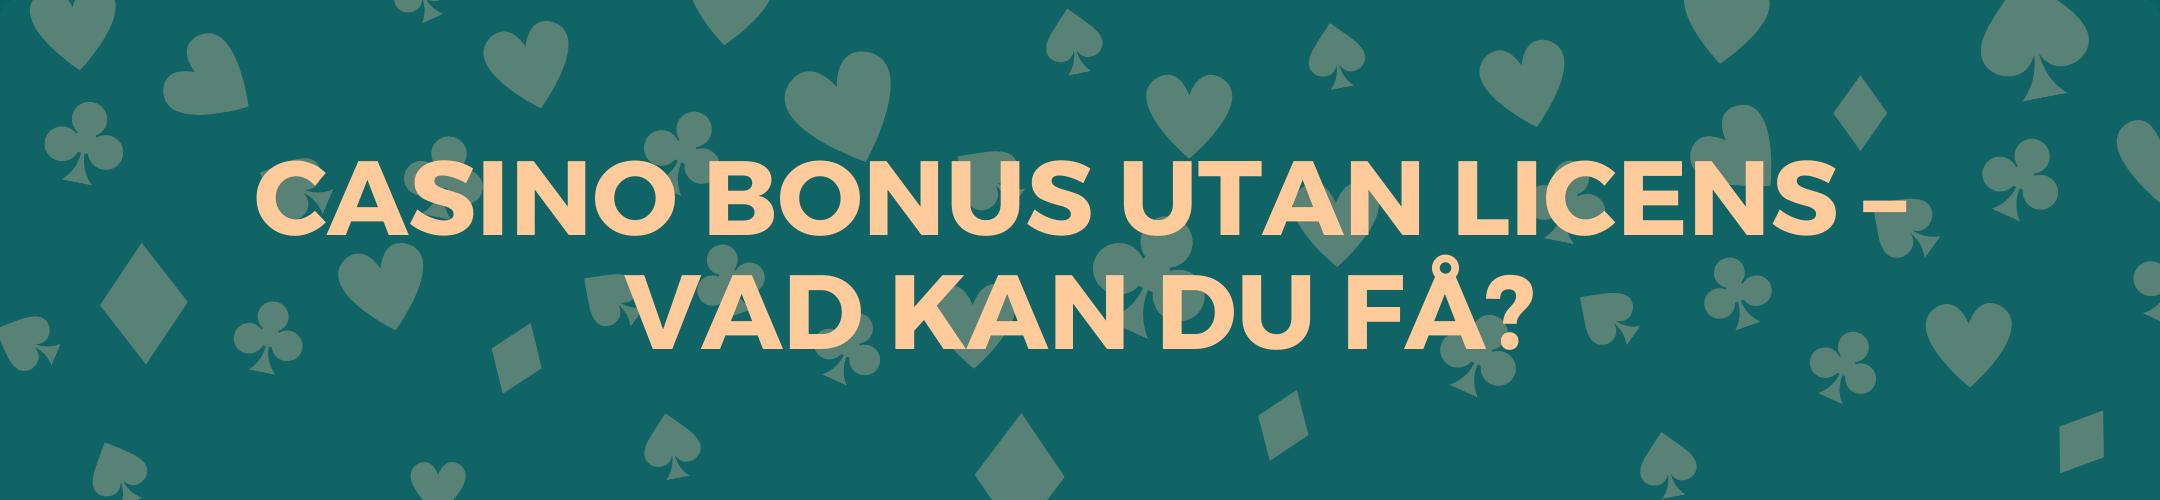 Casino bonus utan licens – Vad kan du få?